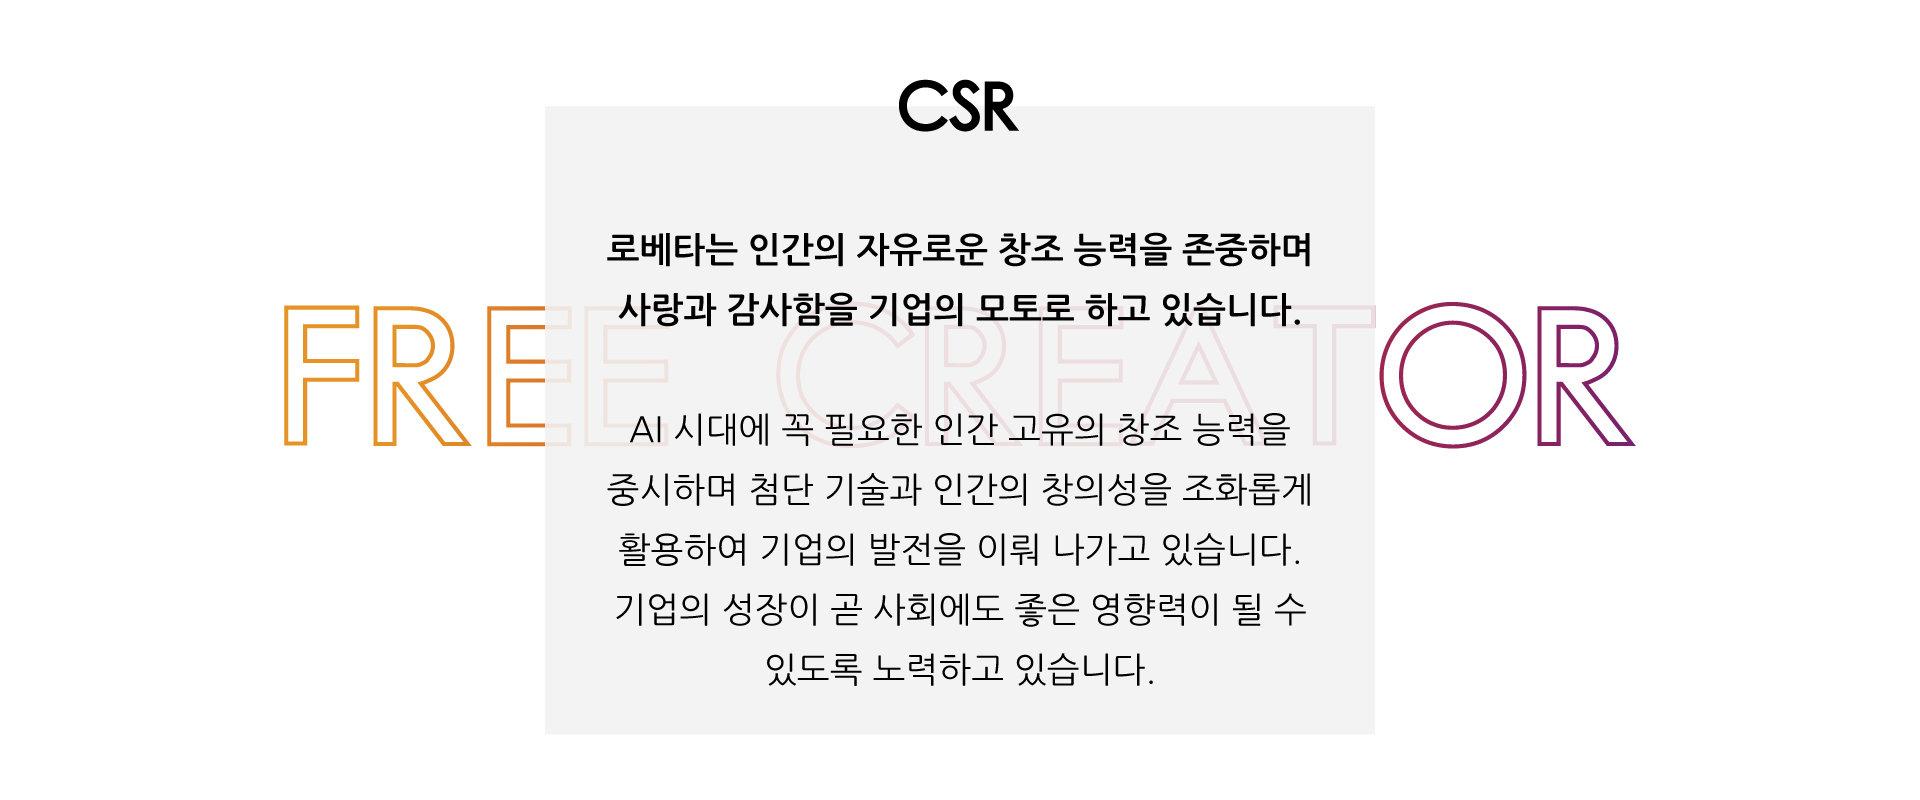 csr2.jpg